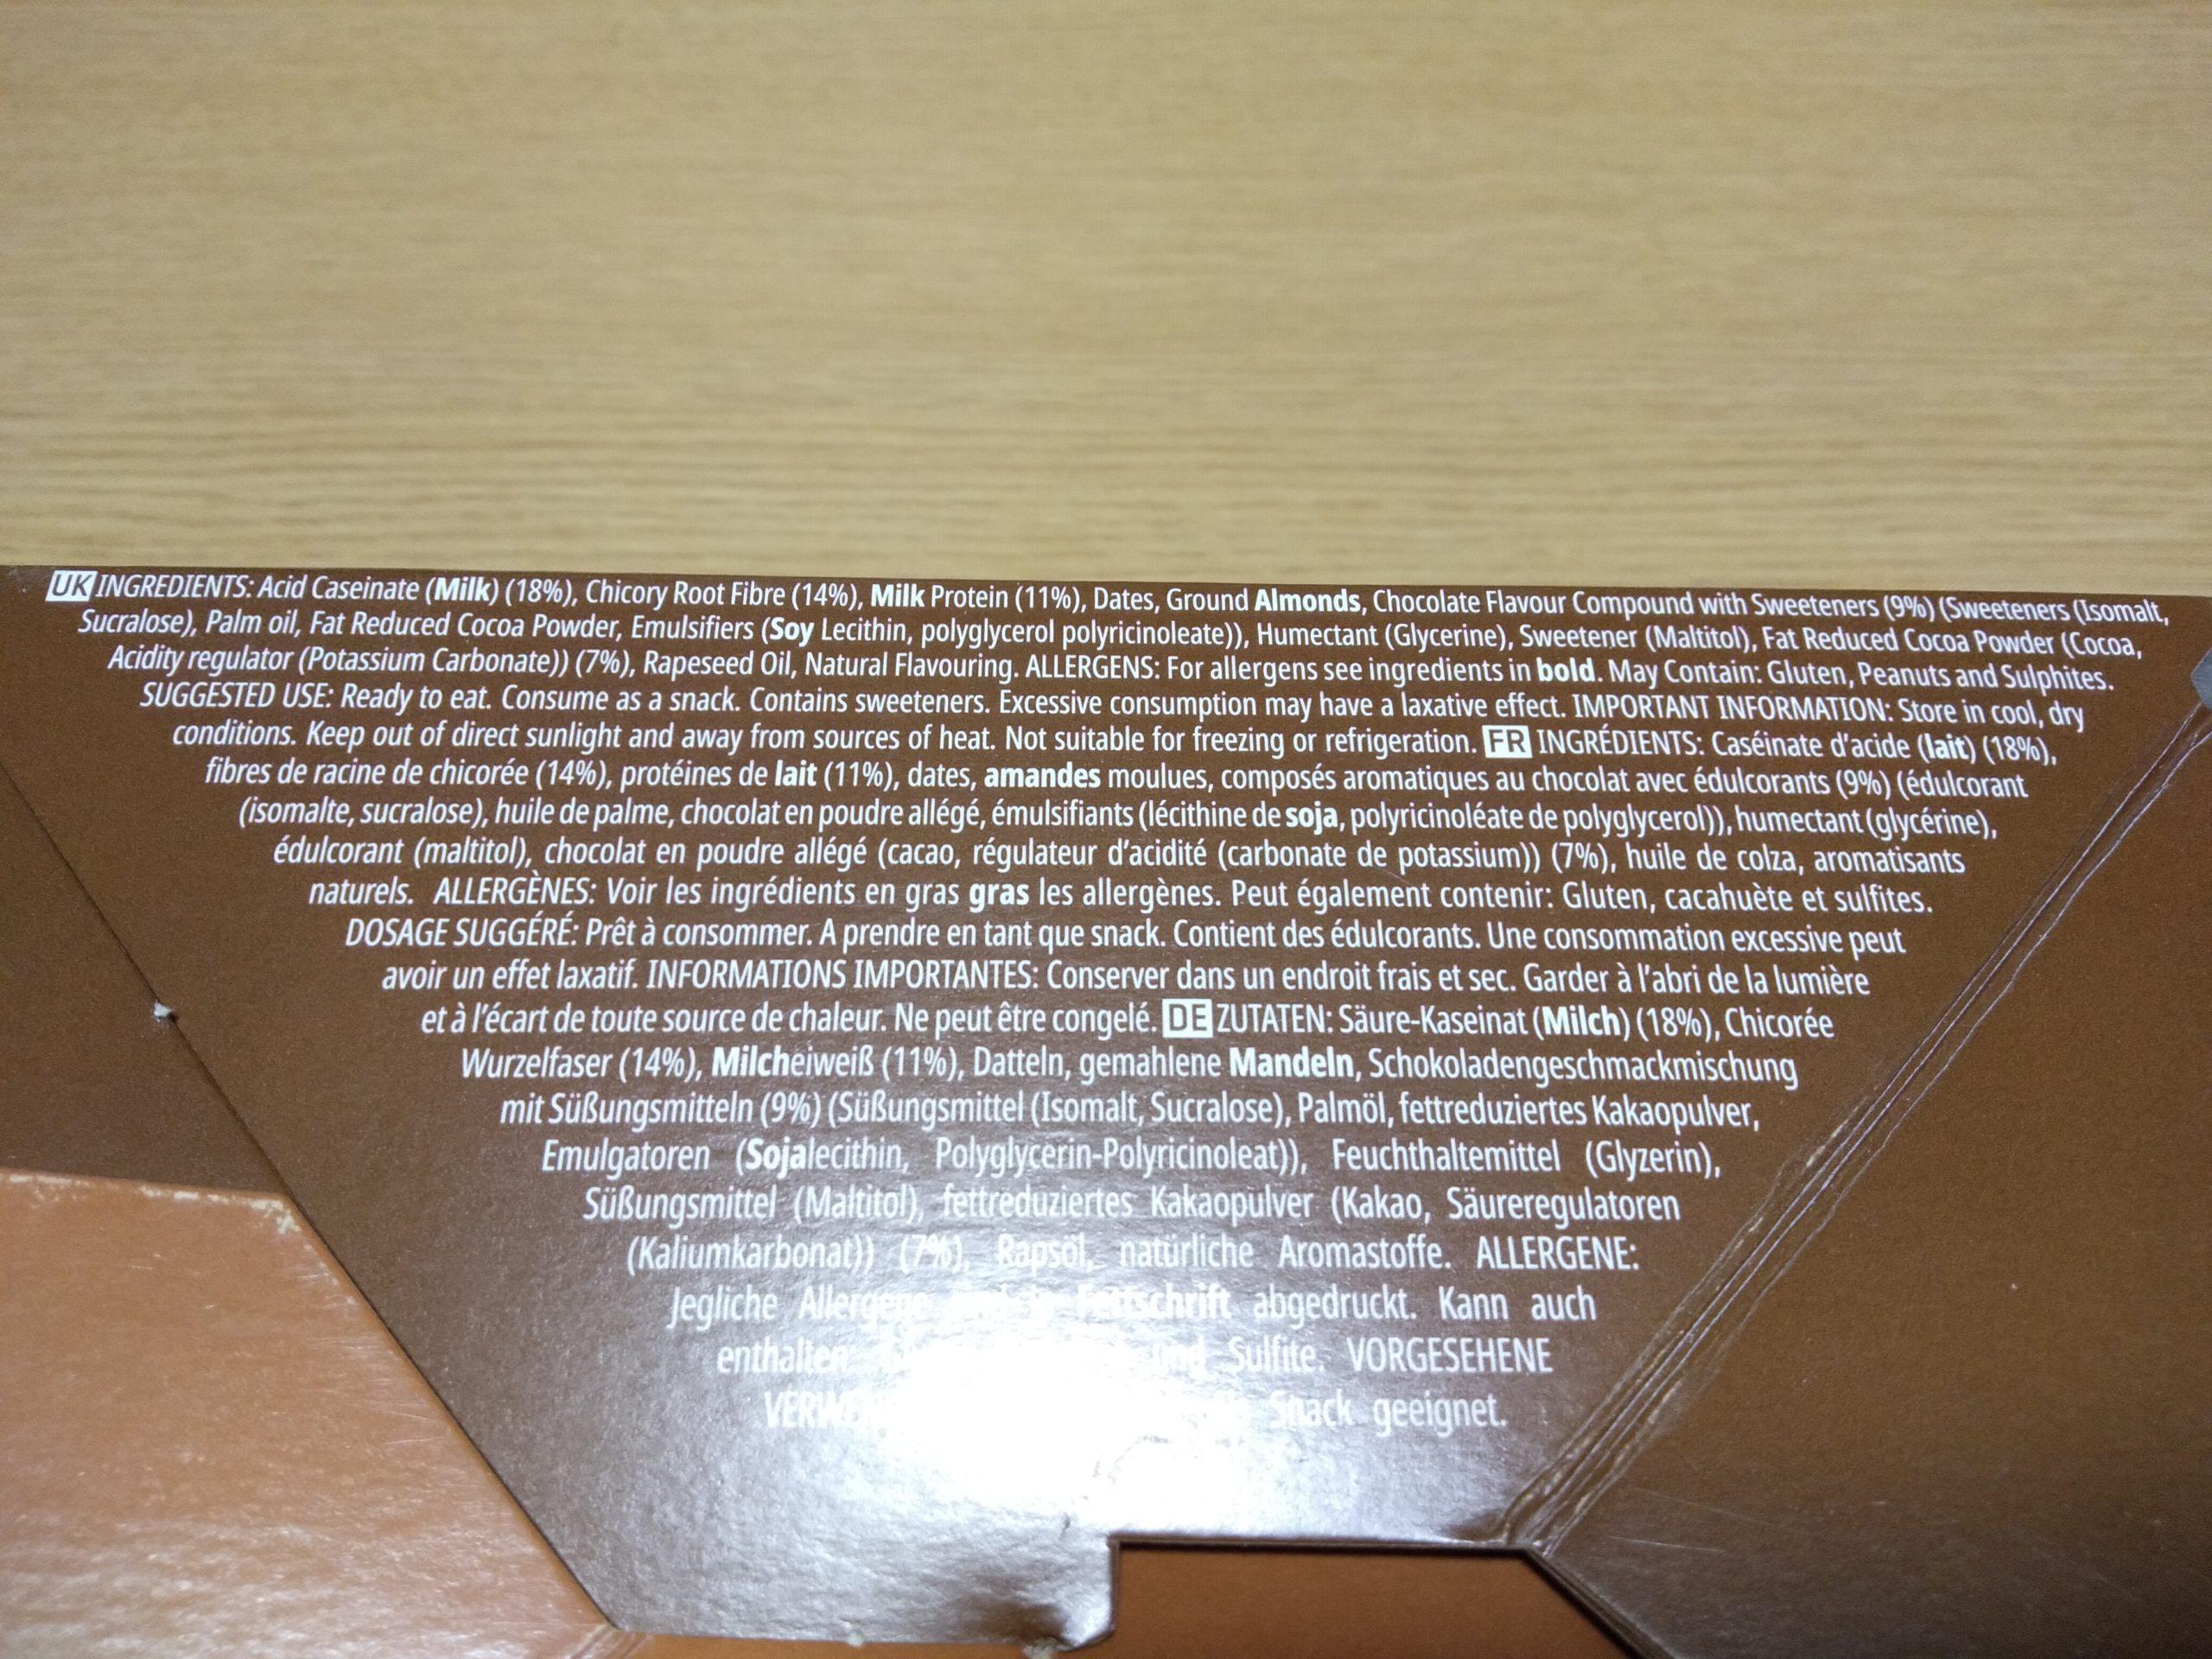 リーンブラウニーの原材料には、腸内環境に良い物が入ってる!